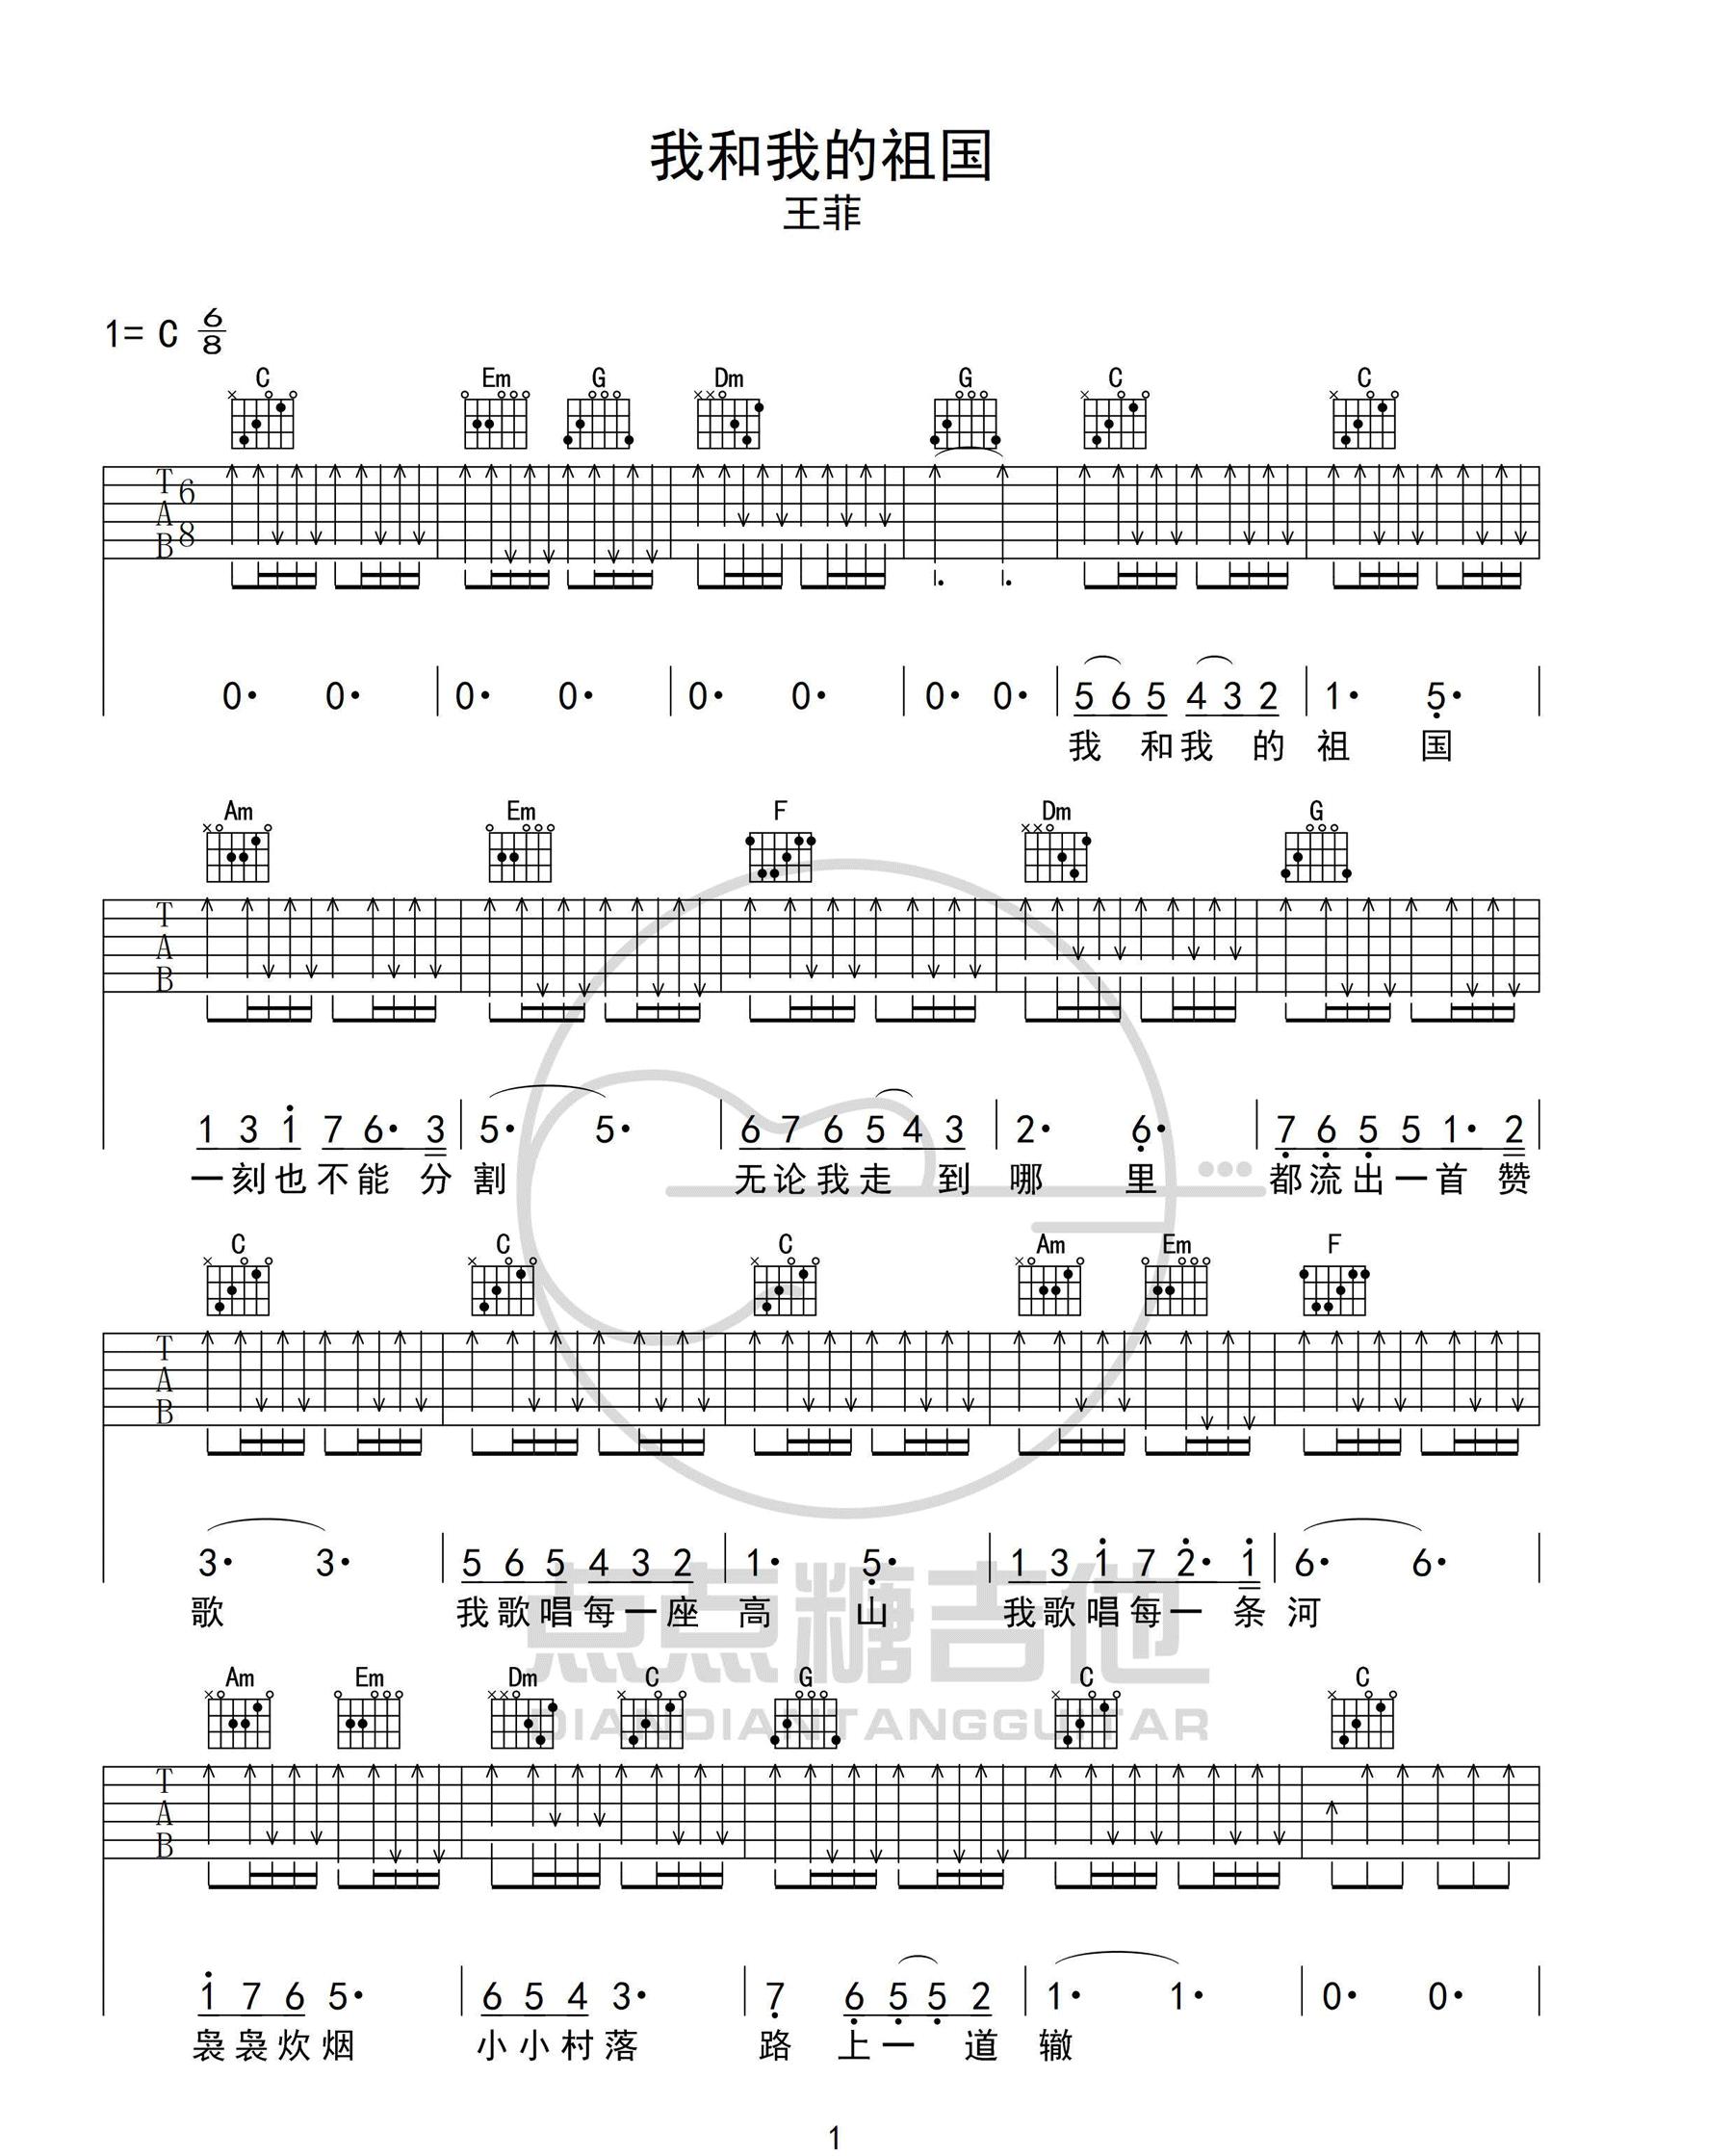 《我和我的祖国》吉他谱_王菲_C调原版弹唱六线谱_高清图片谱1